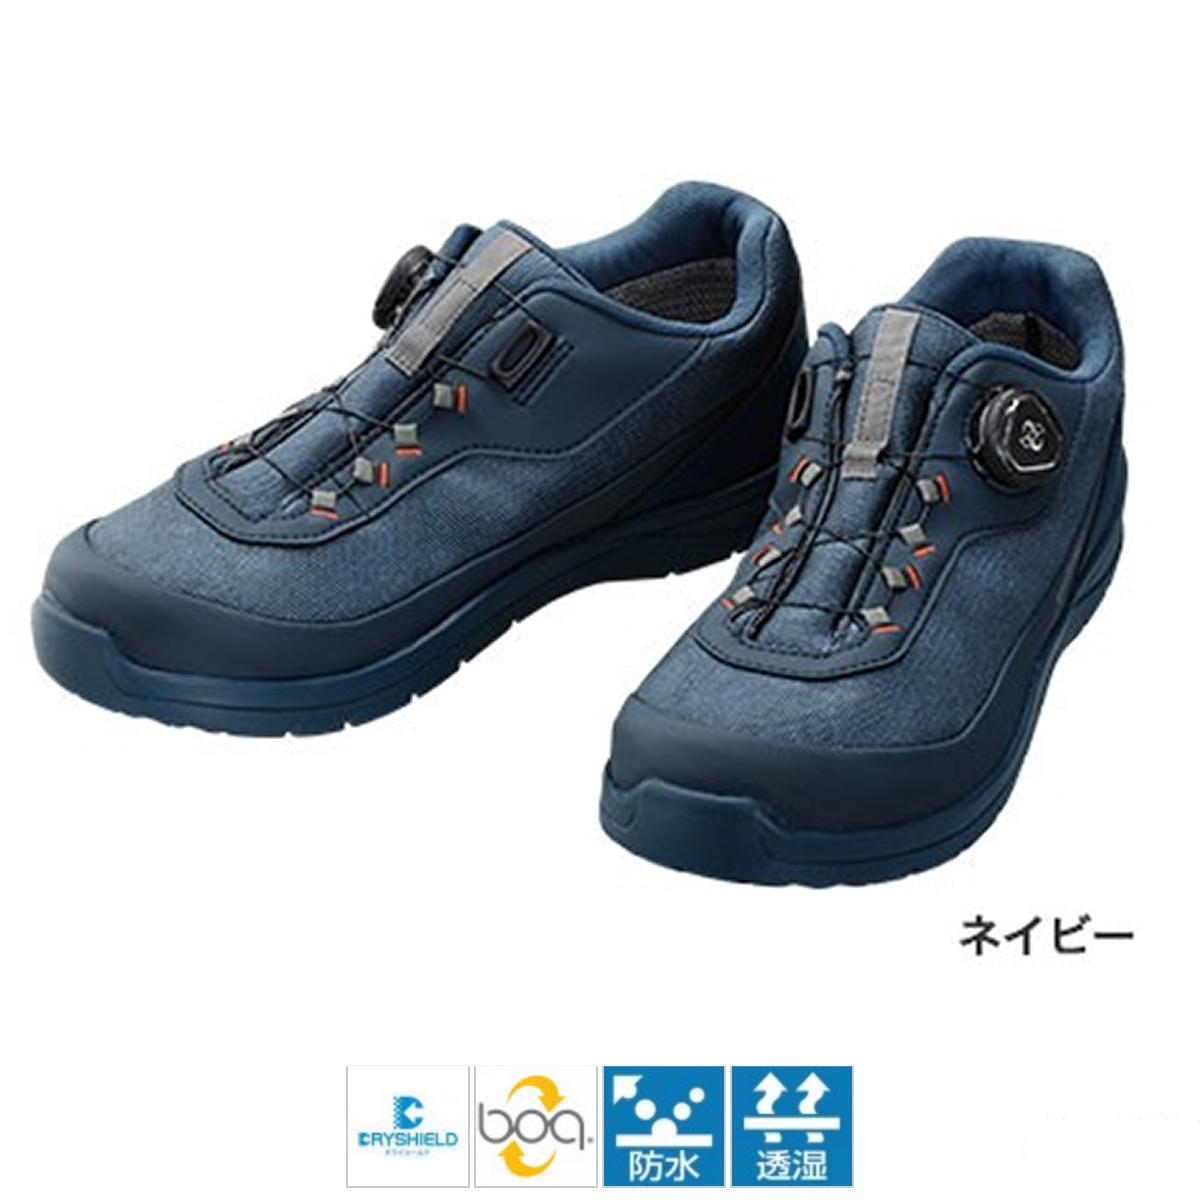 シマノ ドライシールド デッキラジアルフィットシューズ LW FS-081Q 27cm ネイビー(東日本店)